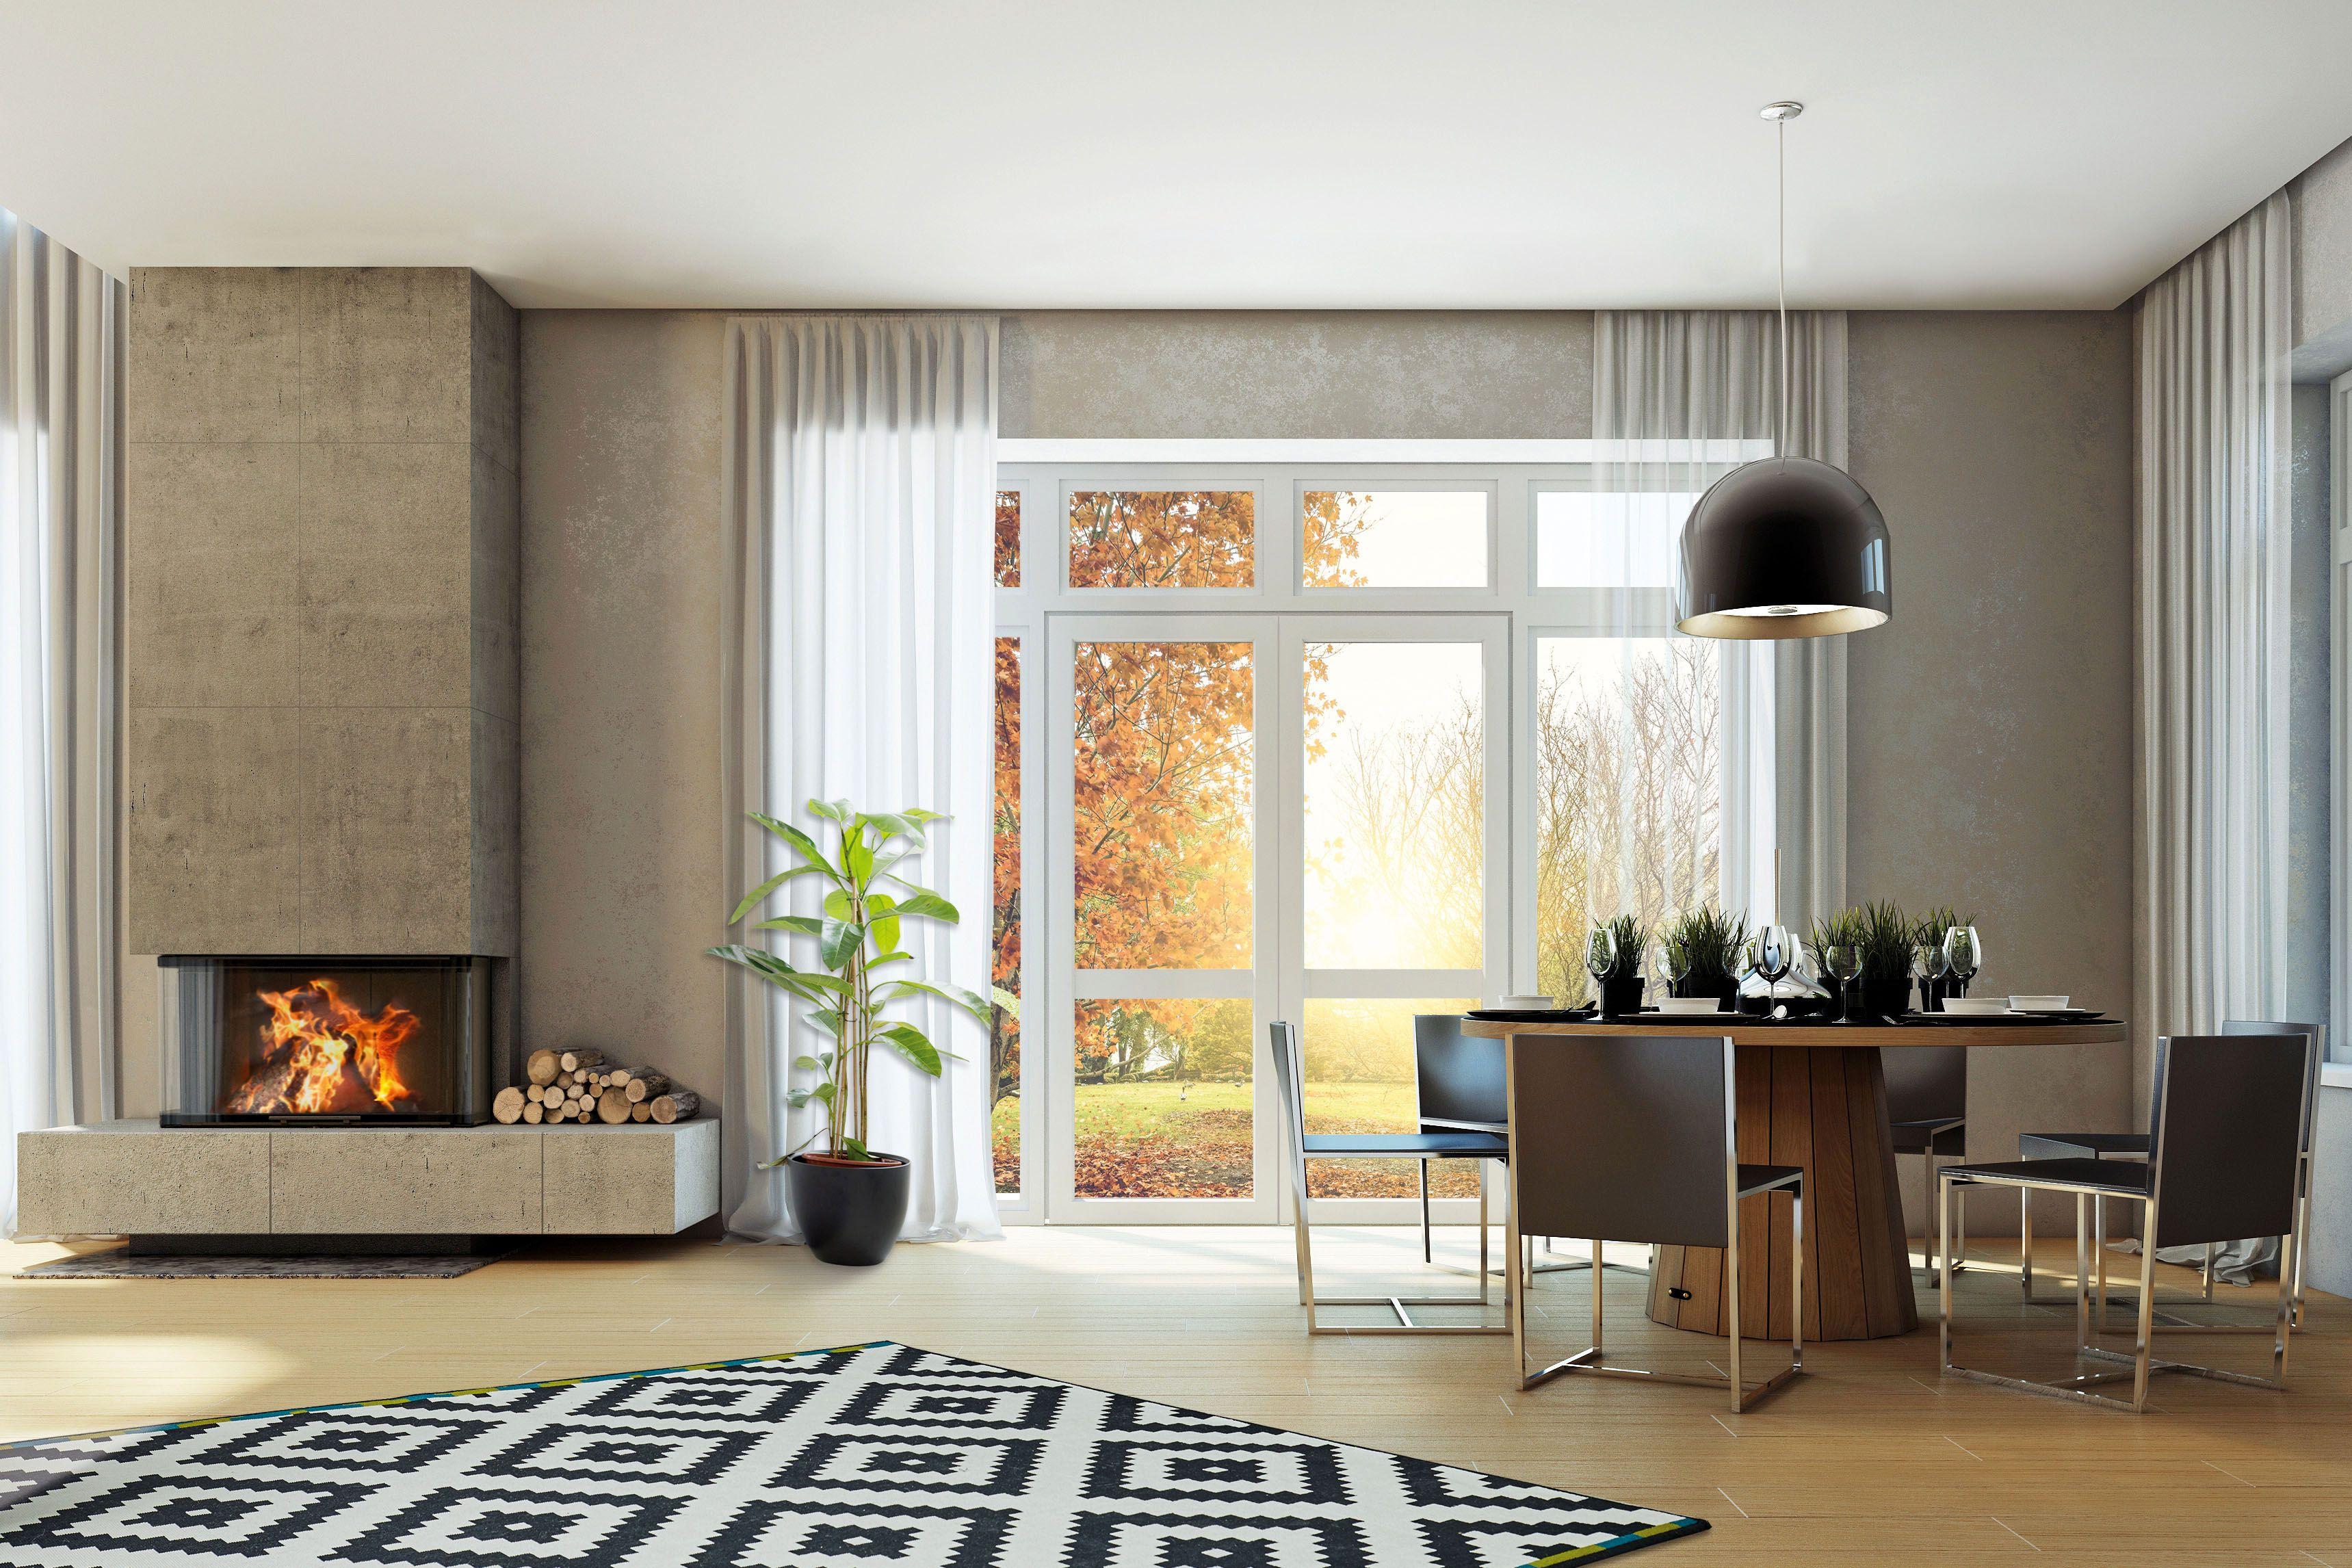 Blickfang mit Charakter: Heizkamine erhöhen den Wohnwert durch ihre Ausstrahlung und ihr Design. Foto: djd/AdK/www.kachelofenwelt.de/Camina Schmid